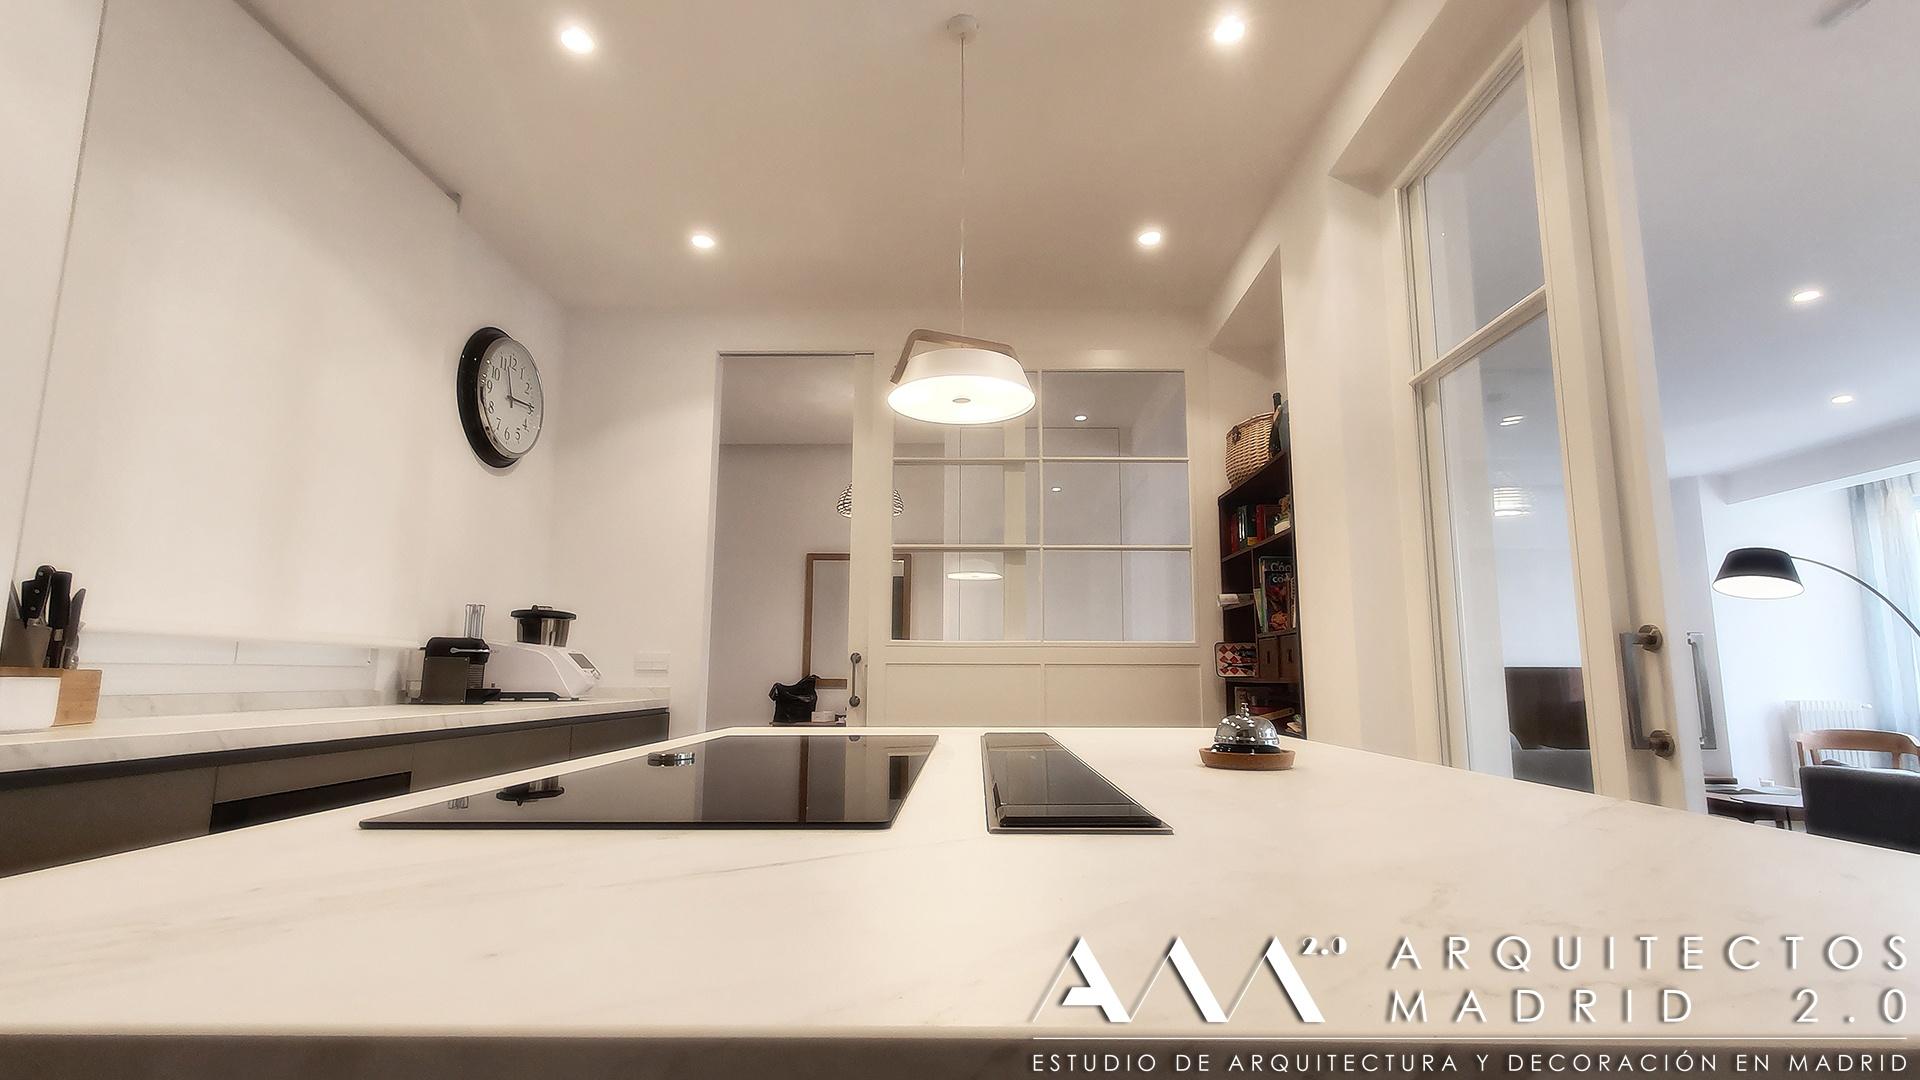 casas-de-lujo-proyecto-reforma-integral-vivienda-arquitectos-madrid-ideas-decoracion-salon-cocina-home-interior-design-13